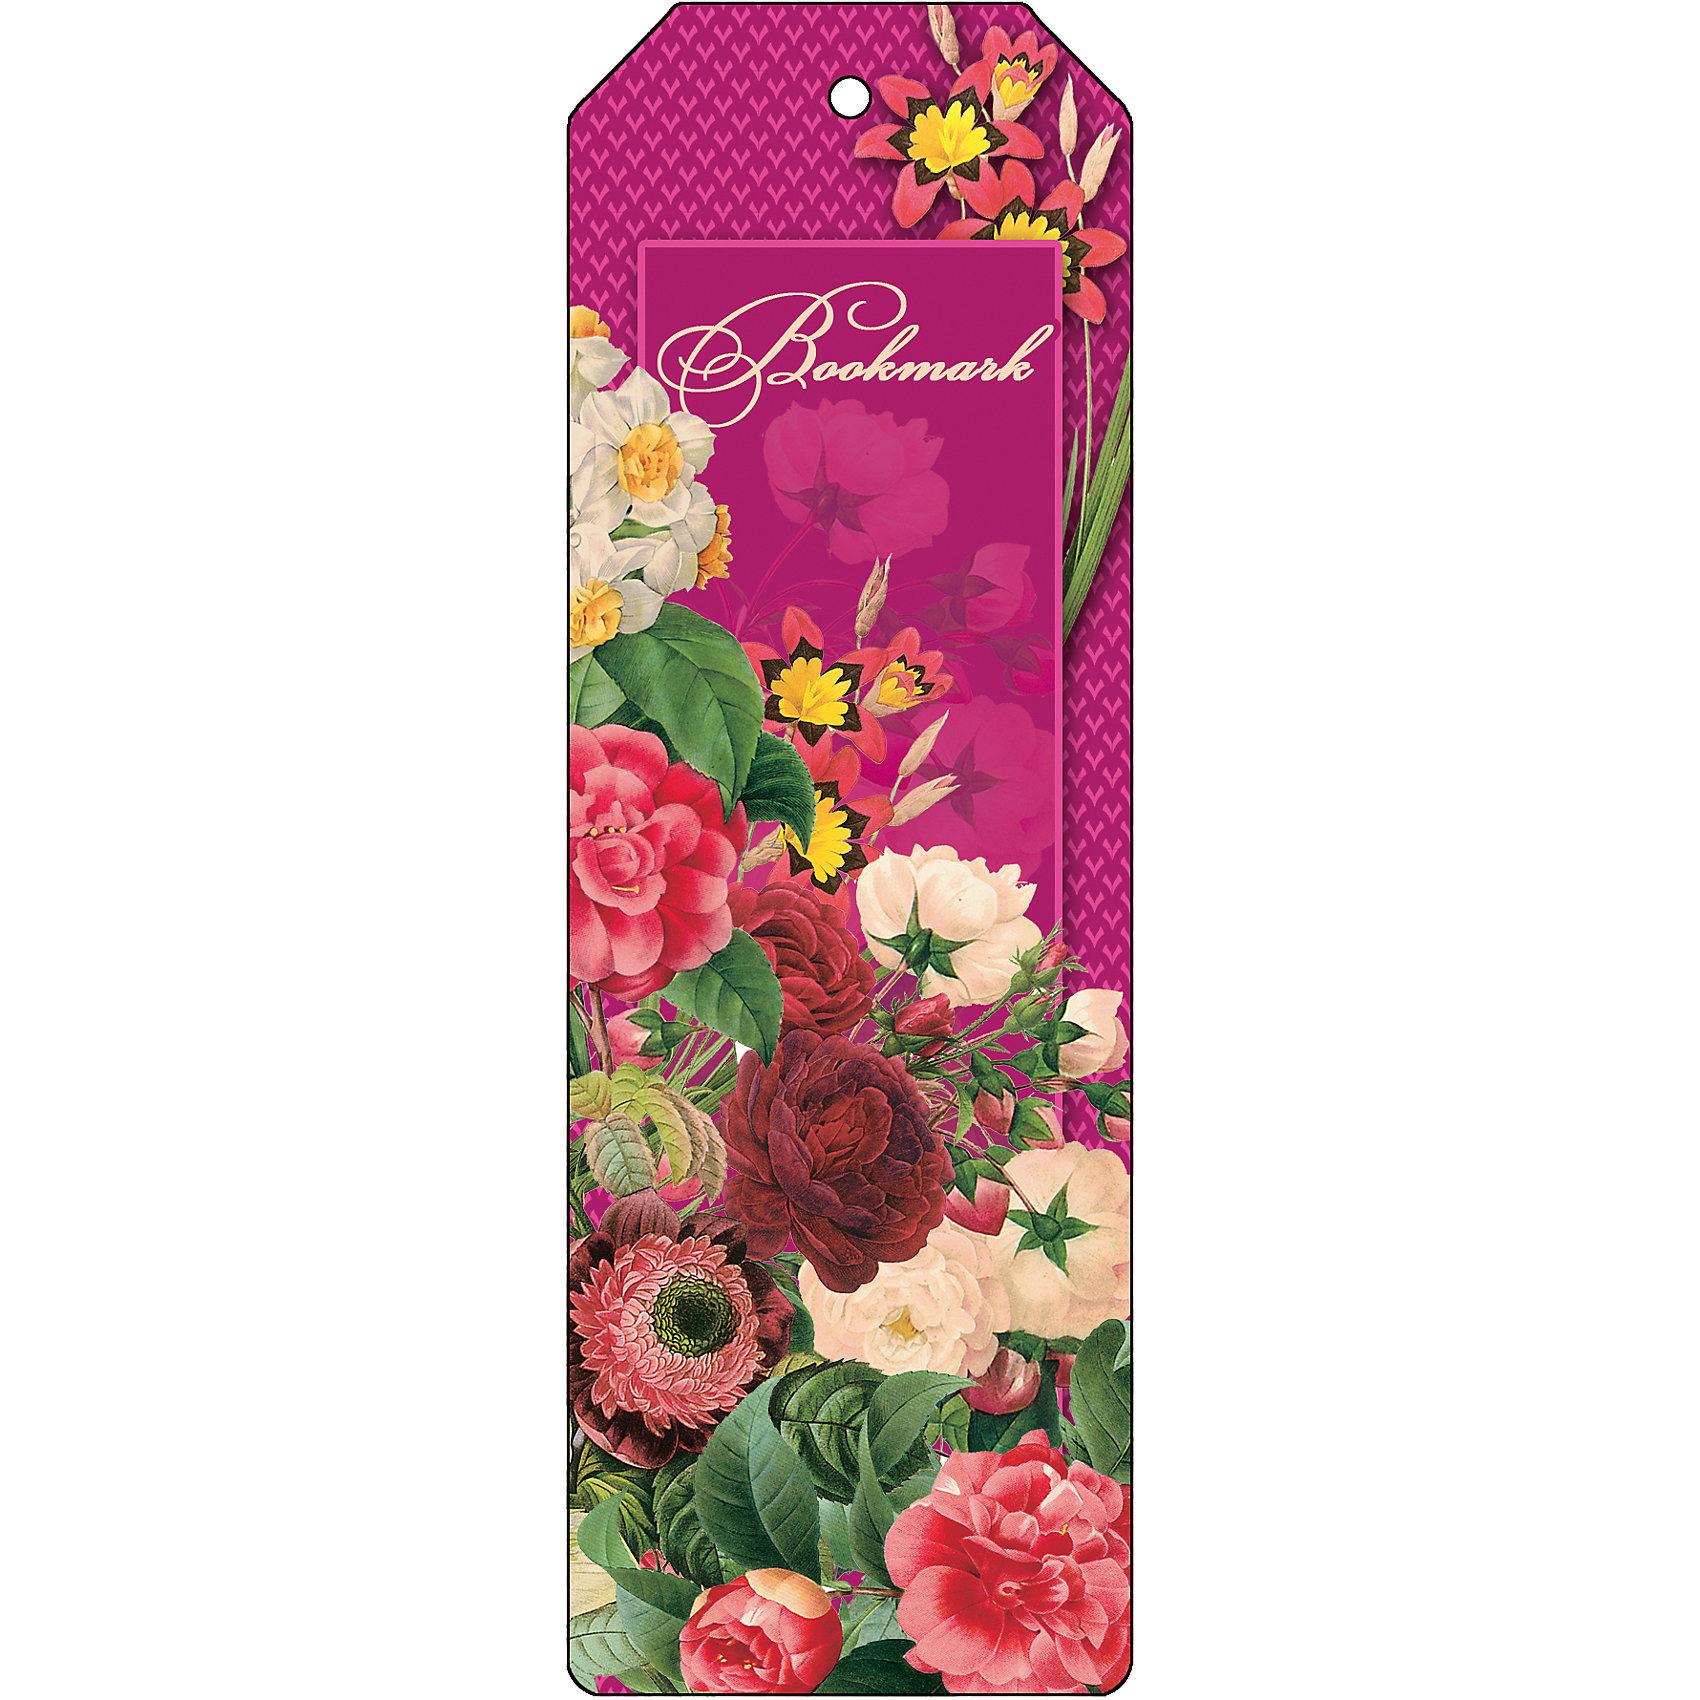 Закладка для книг декоративная Цветочная гирляндаШкольные аксессуары<br>Характеристики декоративной закладки для книг Цветочная гирлянда:<br><br>• тип: закладка<br>• материал: металл<br>• длина:15 см<br>• размеры: 19 x 6 x 0.5 см <br>• упаковка: пакет<br>• вес в упаковке, 45 г<br>• страна-изготовитель: Китай<br><br>Закладка декоративная Цветочная гирлянда размером 5x15 см выполнена из черного окрашенного металла с ярким оригинальным дизайном. Изделие не выскальзывает из книги, не мнется и не затирается со временем. Закладка поможет быстро отыскать нужную страницу, станет прекрасным подарком всем книголюбам.<br><br>Декоративную закладку для книг Цветочная гирлянда можно купить в нашем интернет-магазине.<br><br>Ширина мм: 150<br>Глубина мм: 50<br>Высота мм: 10<br>Вес г: 31<br>Возраст от месяцев: 48<br>Возраст до месяцев: 144<br>Пол: Унисекс<br>Возраст: Детский<br>SKU: 5479430